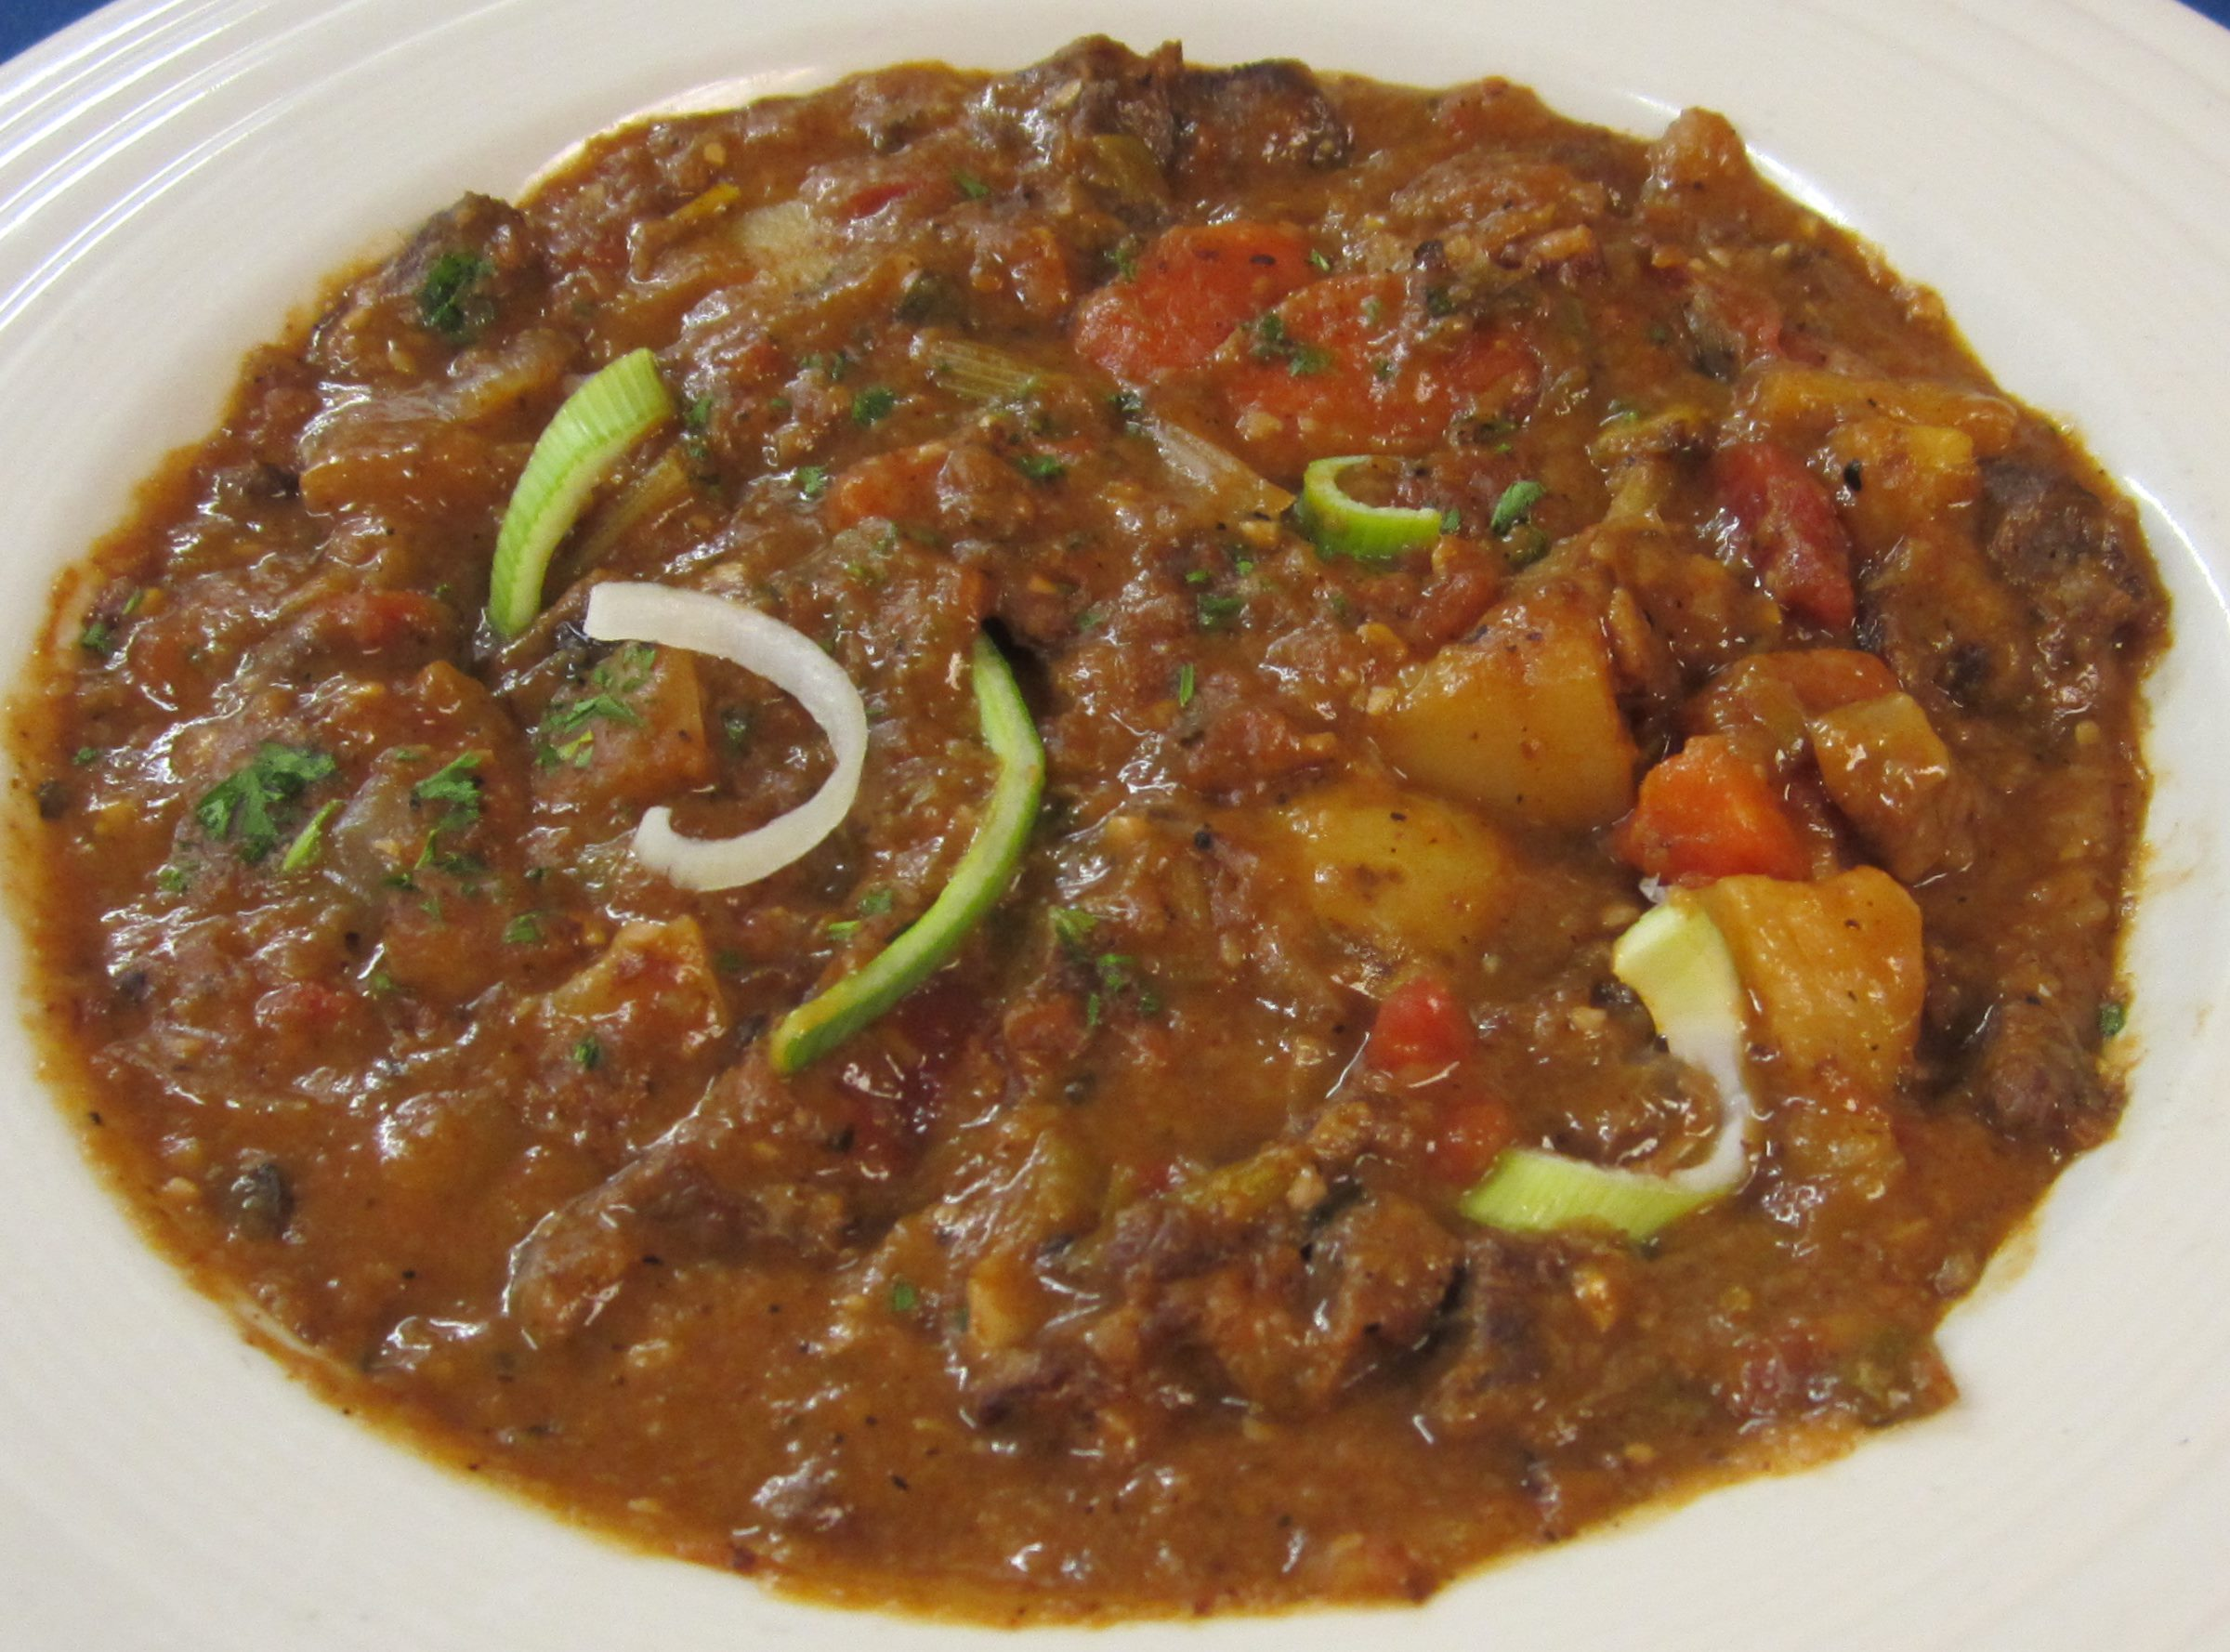 Ramsauer Hirschragout mit frischem Gemüse und Kartoffeln